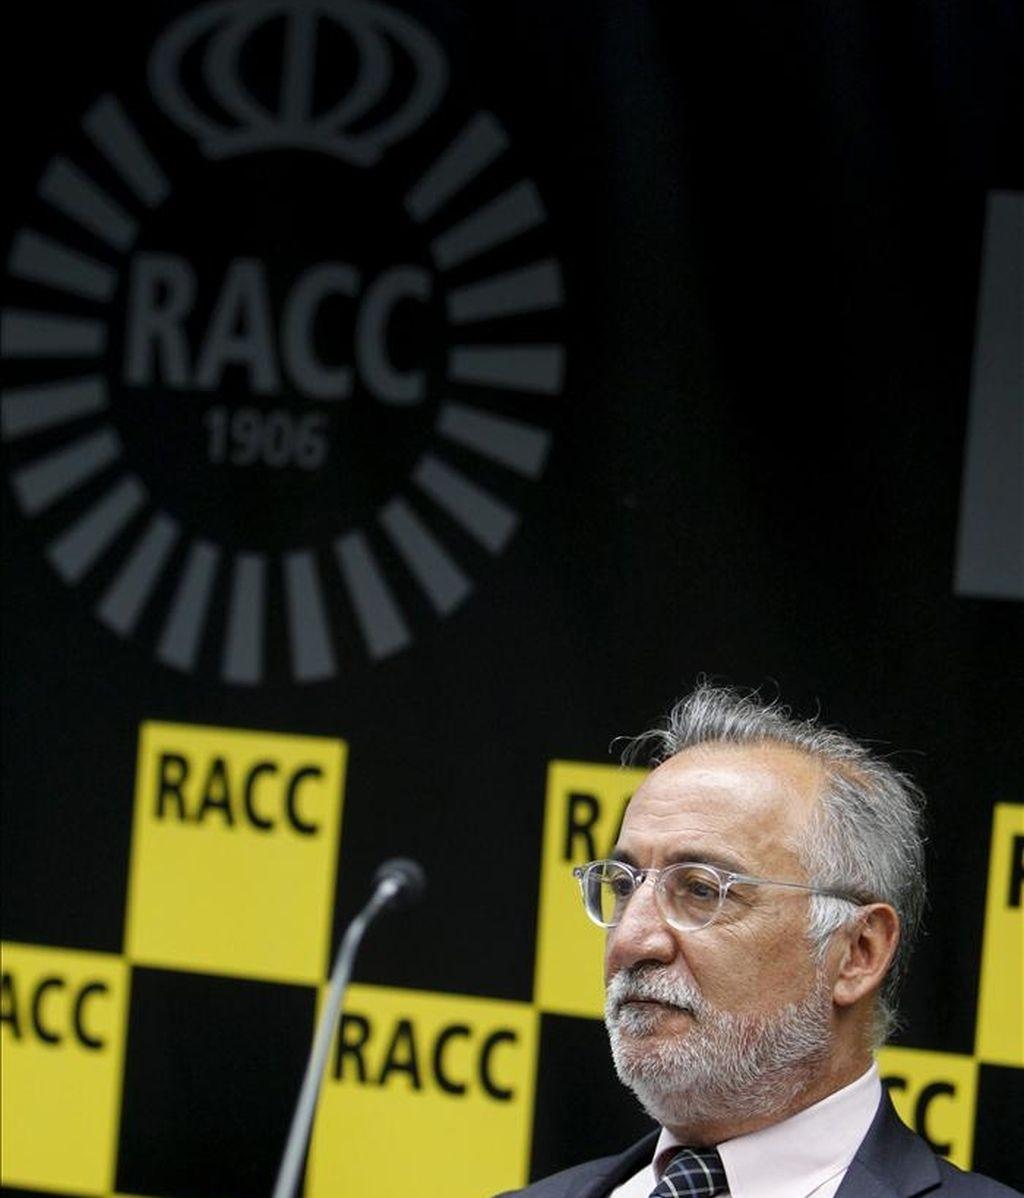 El director general de Tráfico, Pere Navarro, durante unas jornadas organizadas por el RACC en las que la mejora de la seguridad vial de los ciclistas y de los niños, y la reducción de los accidentes de tráfico en el ámbito laboral serán algunos de los asuntos de debate. EFE